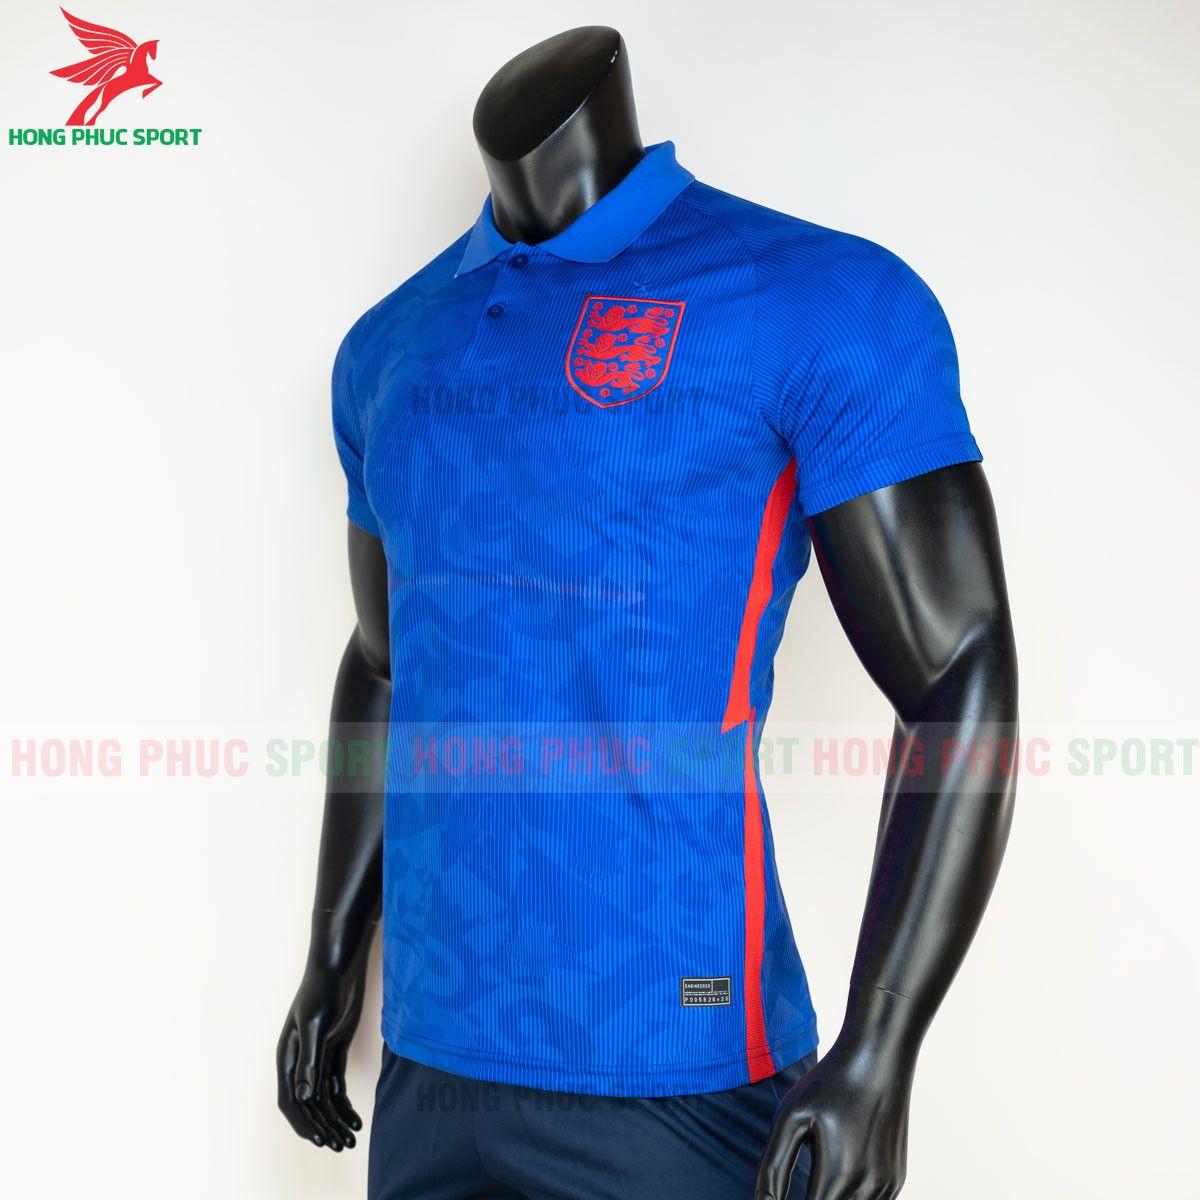 https://cdn.hongphucsport.com/unsafe/s4.shopbay.vn/files/285/ao-bong-da-tuyen-anh-2021-san-khach-hang-thai-3-60d2f98670dad.jpg